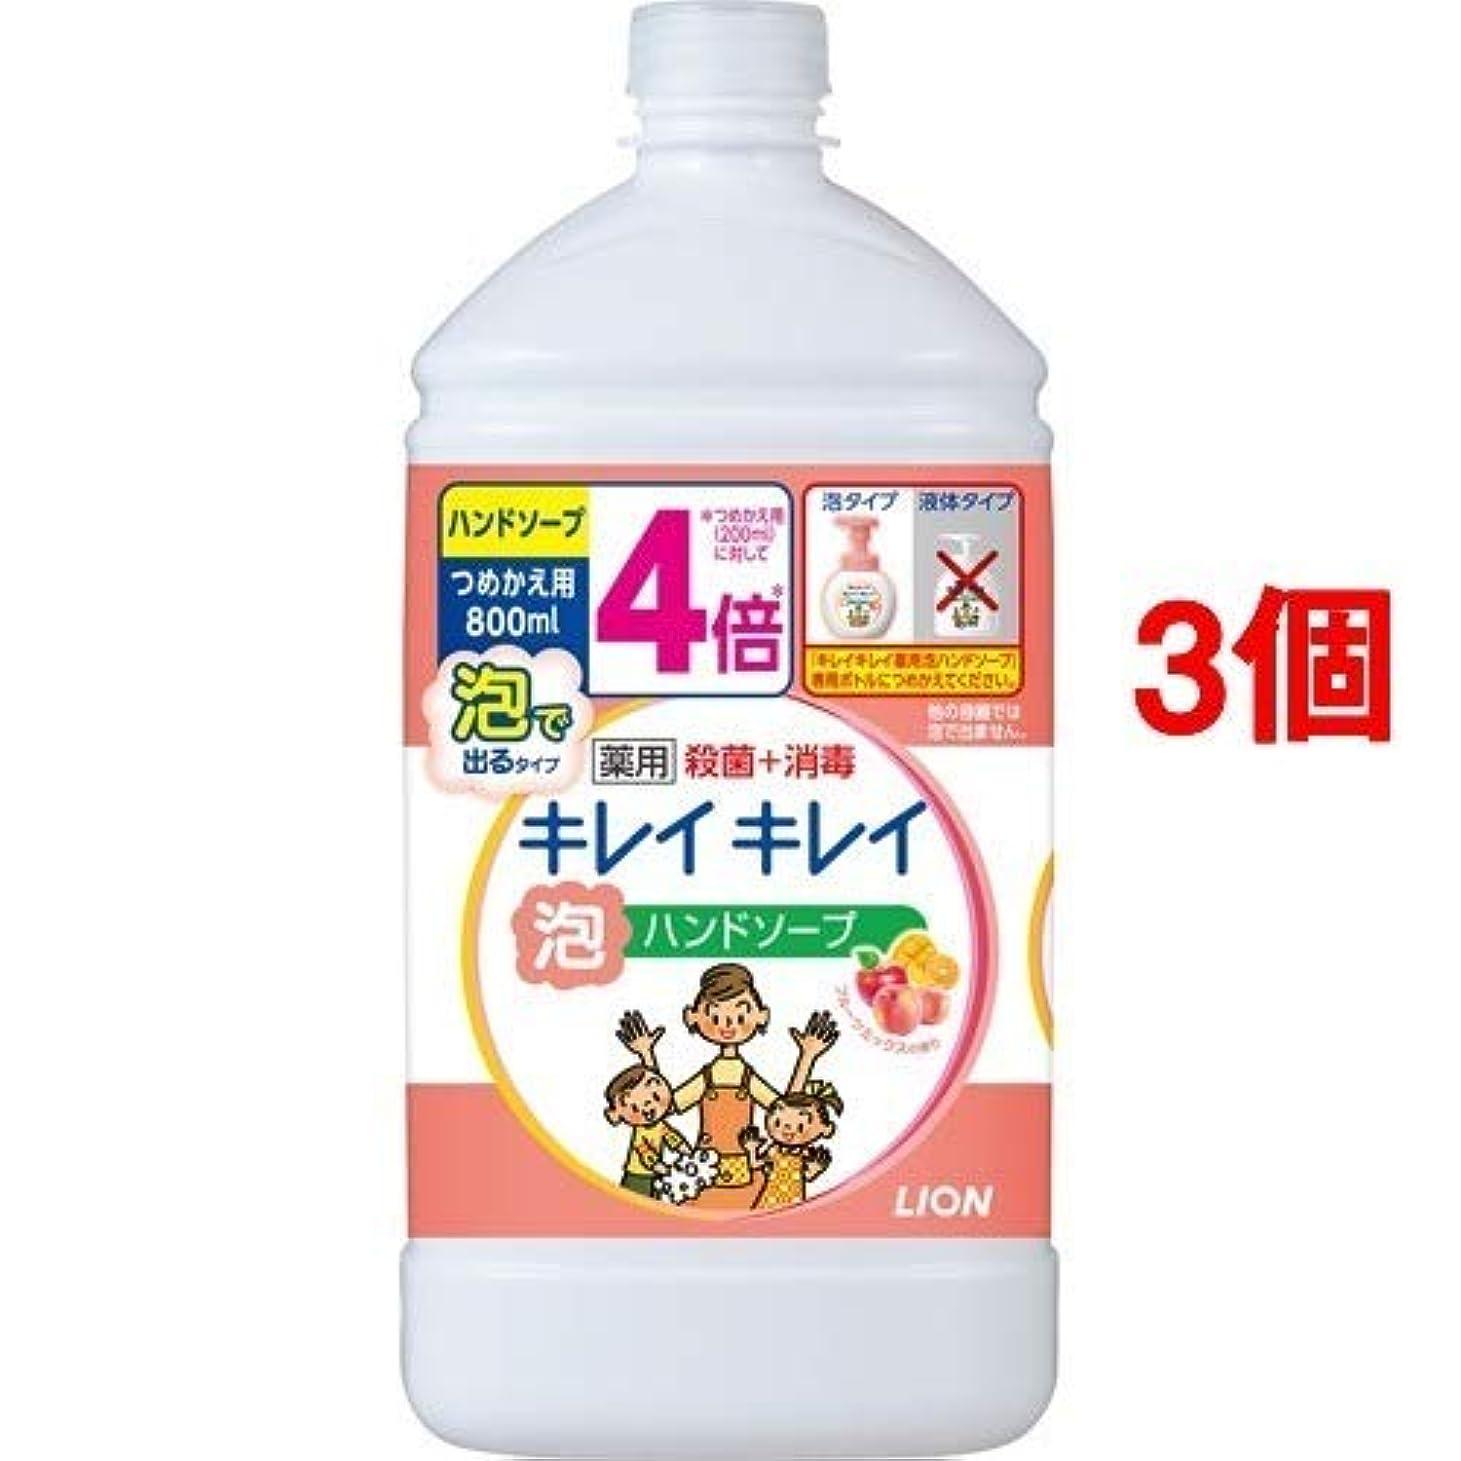 本質的に従事したの量キレイキレイ 薬用泡ハンドソープ フルーツミックスの香り 詰替用(800mL*3個セット) 日用品 洗面?バス用品 ハンドソープ [並行輸入品] k1-62564-ak